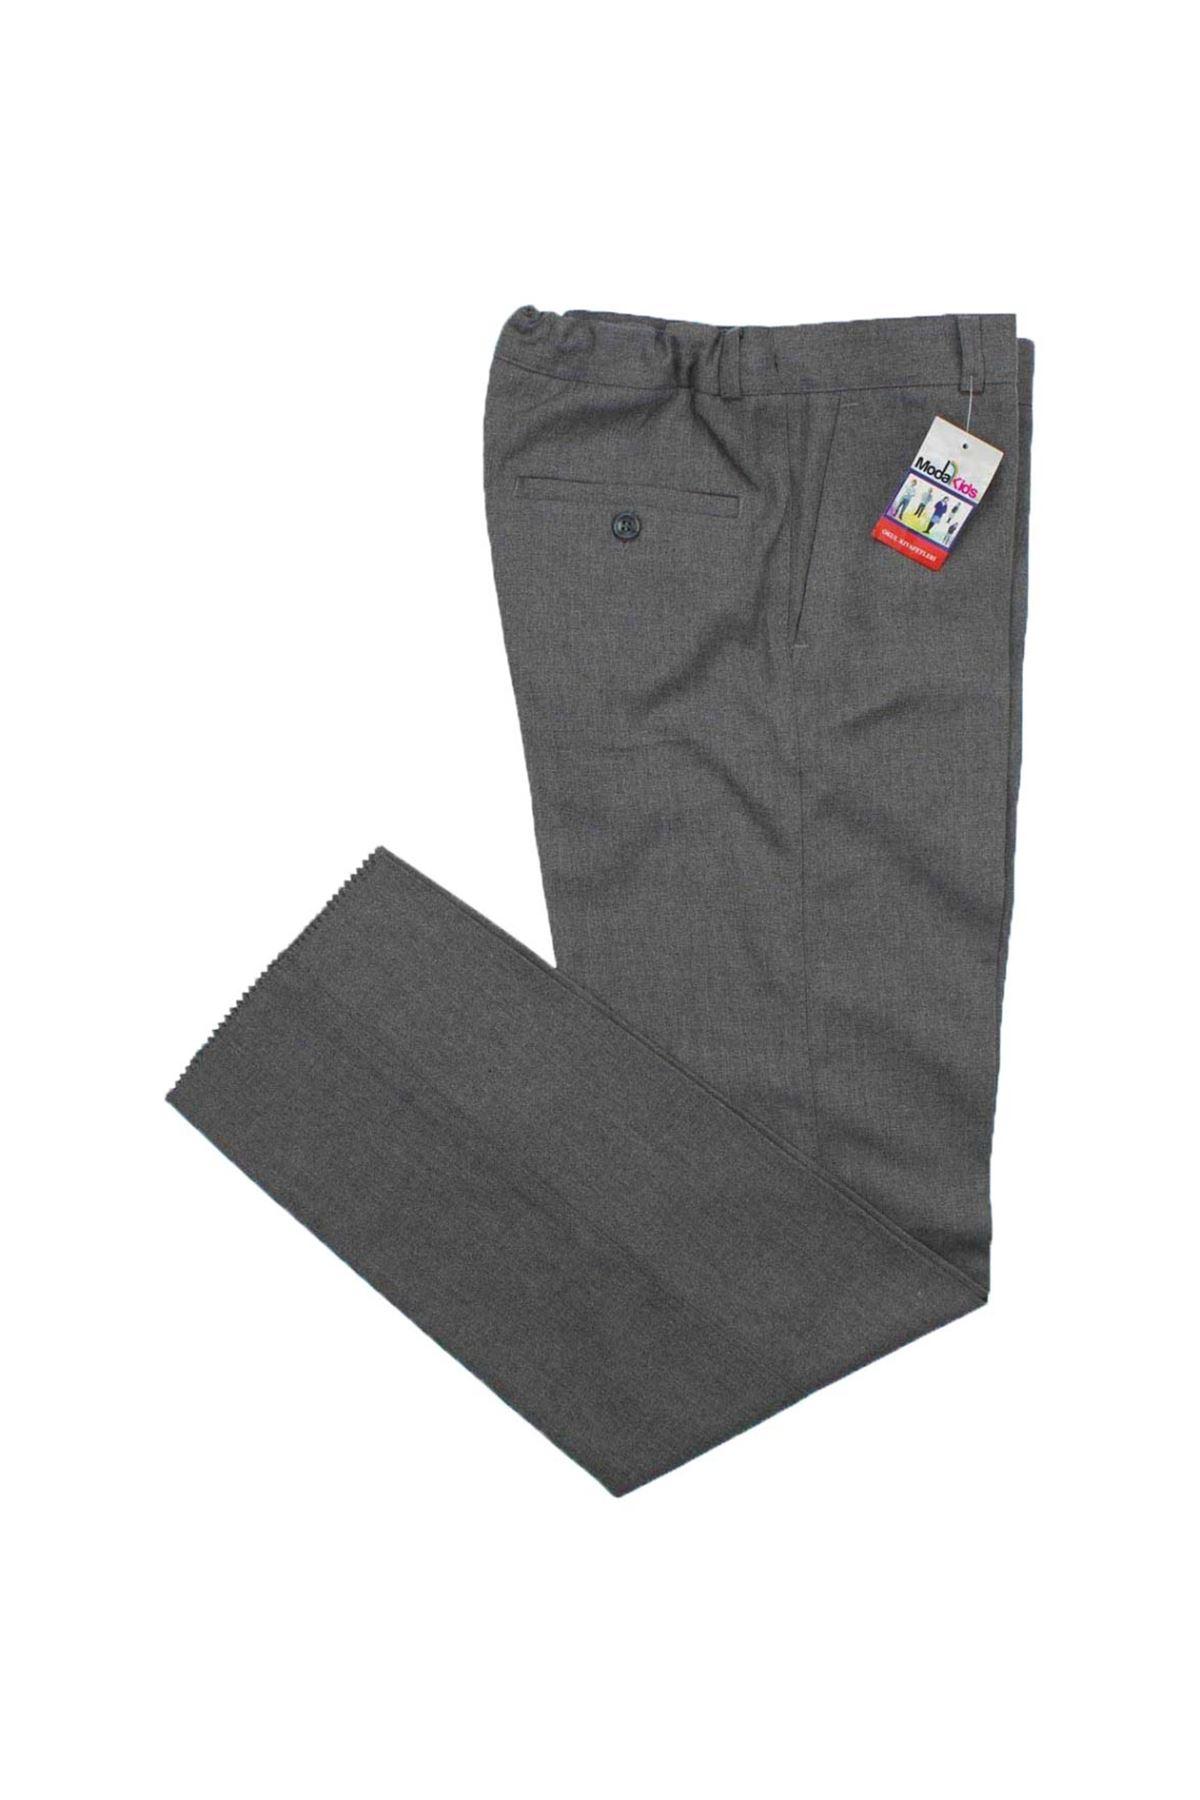 Modakıds Erkek Çocuk Gri Okul Pantalon